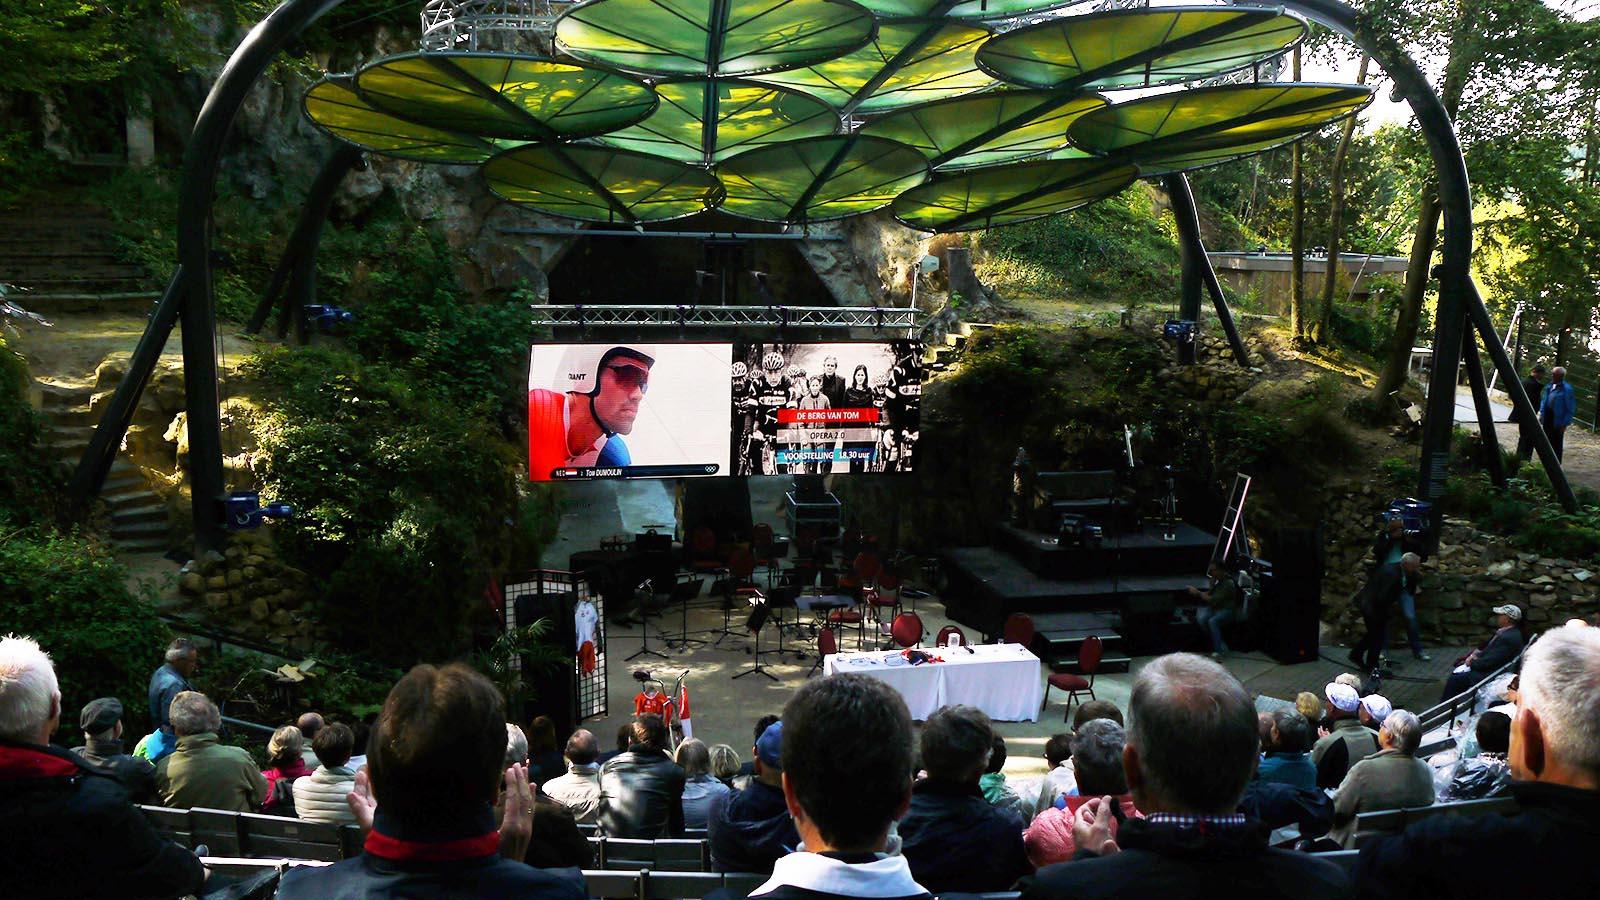 led scherm huren - olympische spelen openluchttheater valkenburg